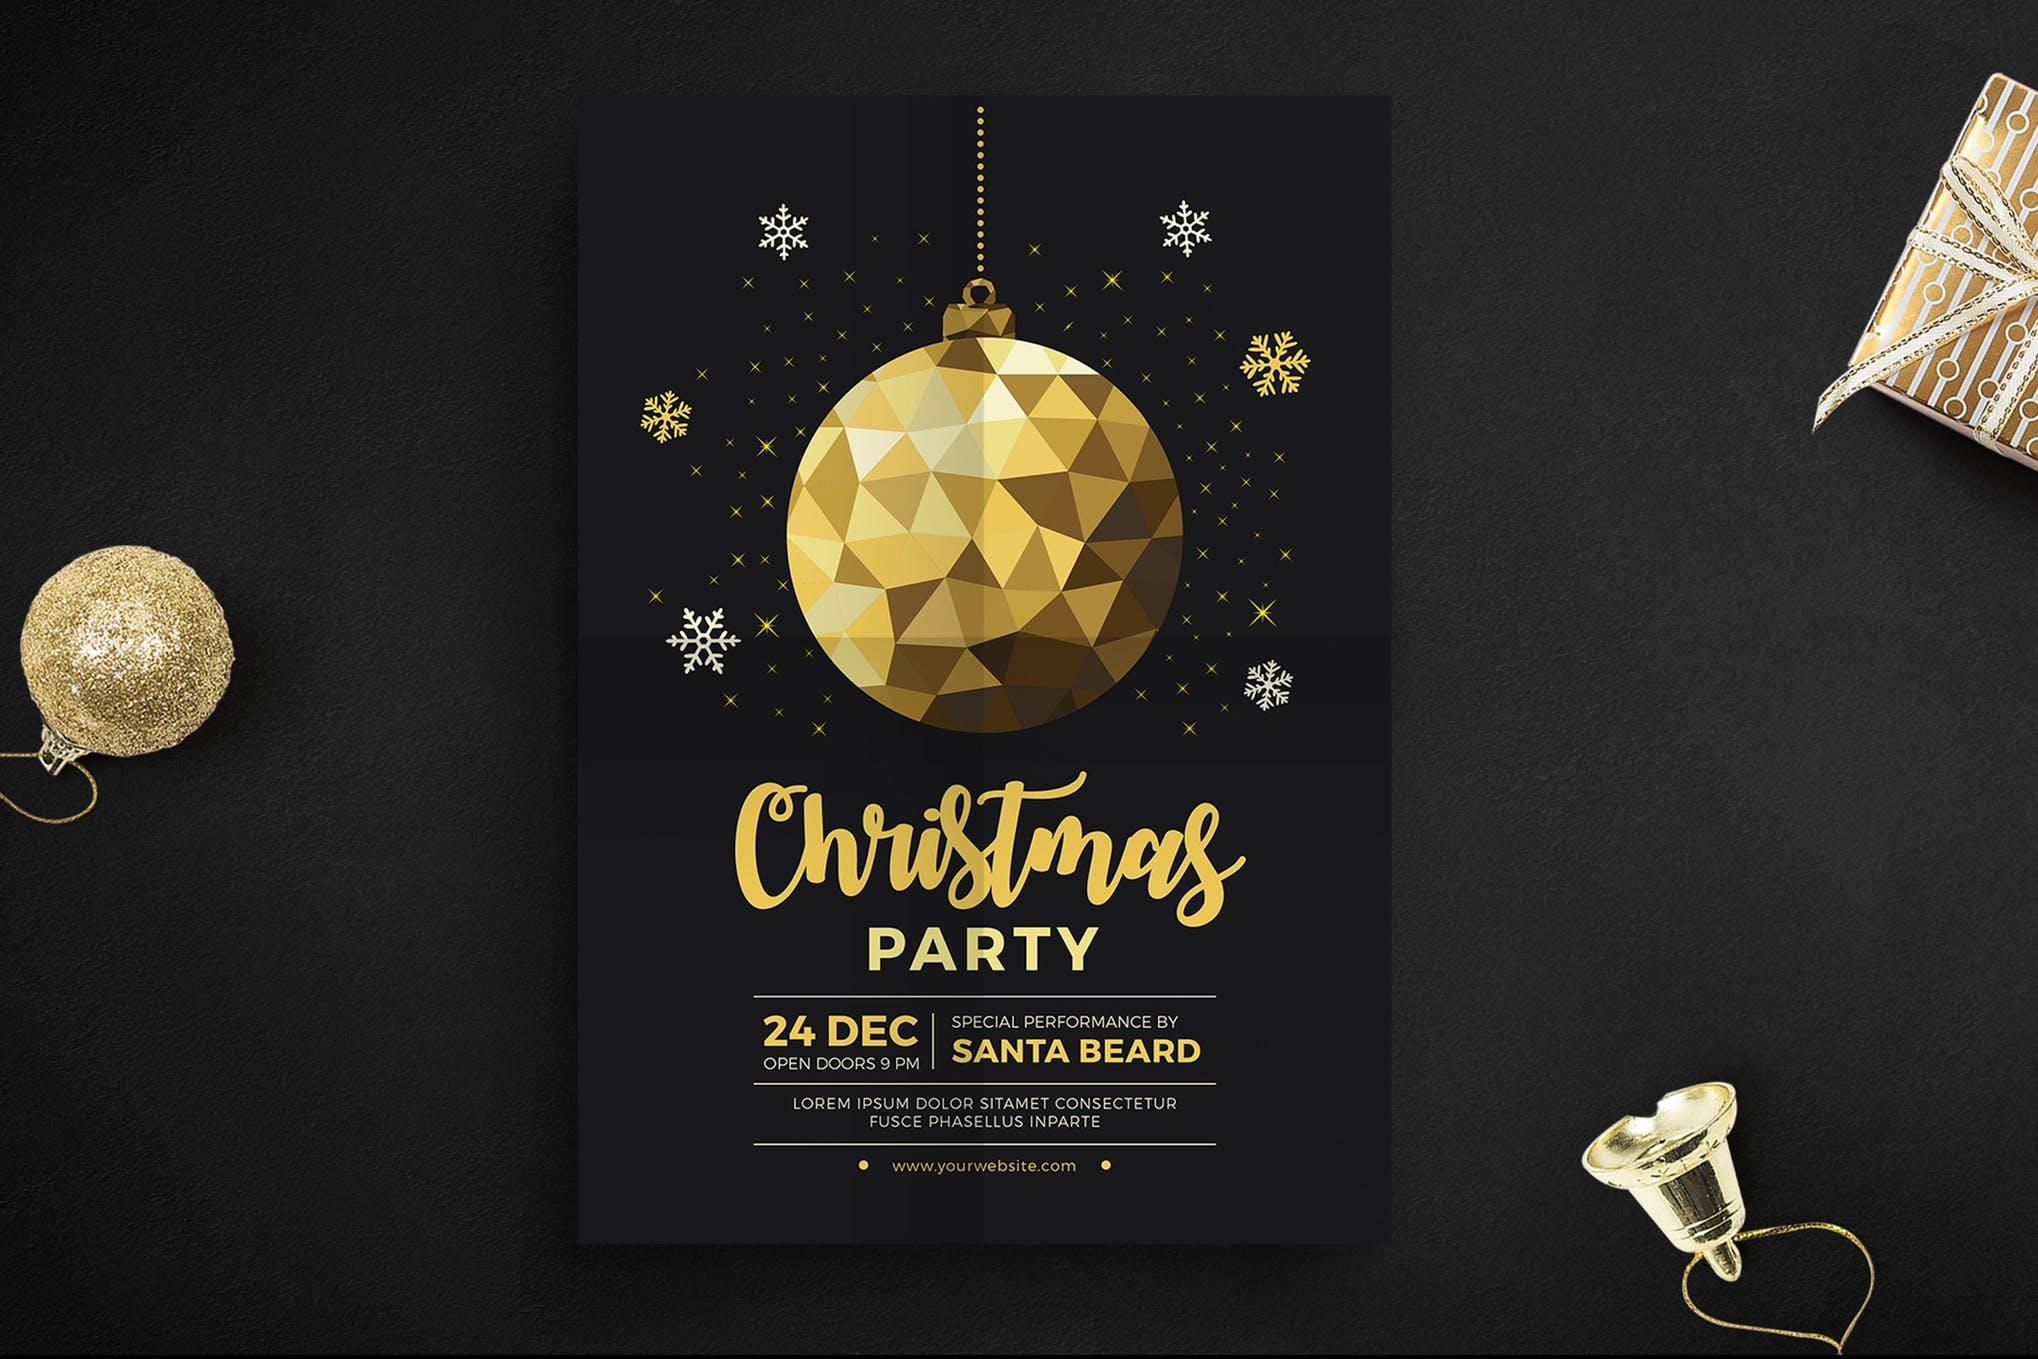 黄金圣诞节庆祝活动宣传传单海报模板